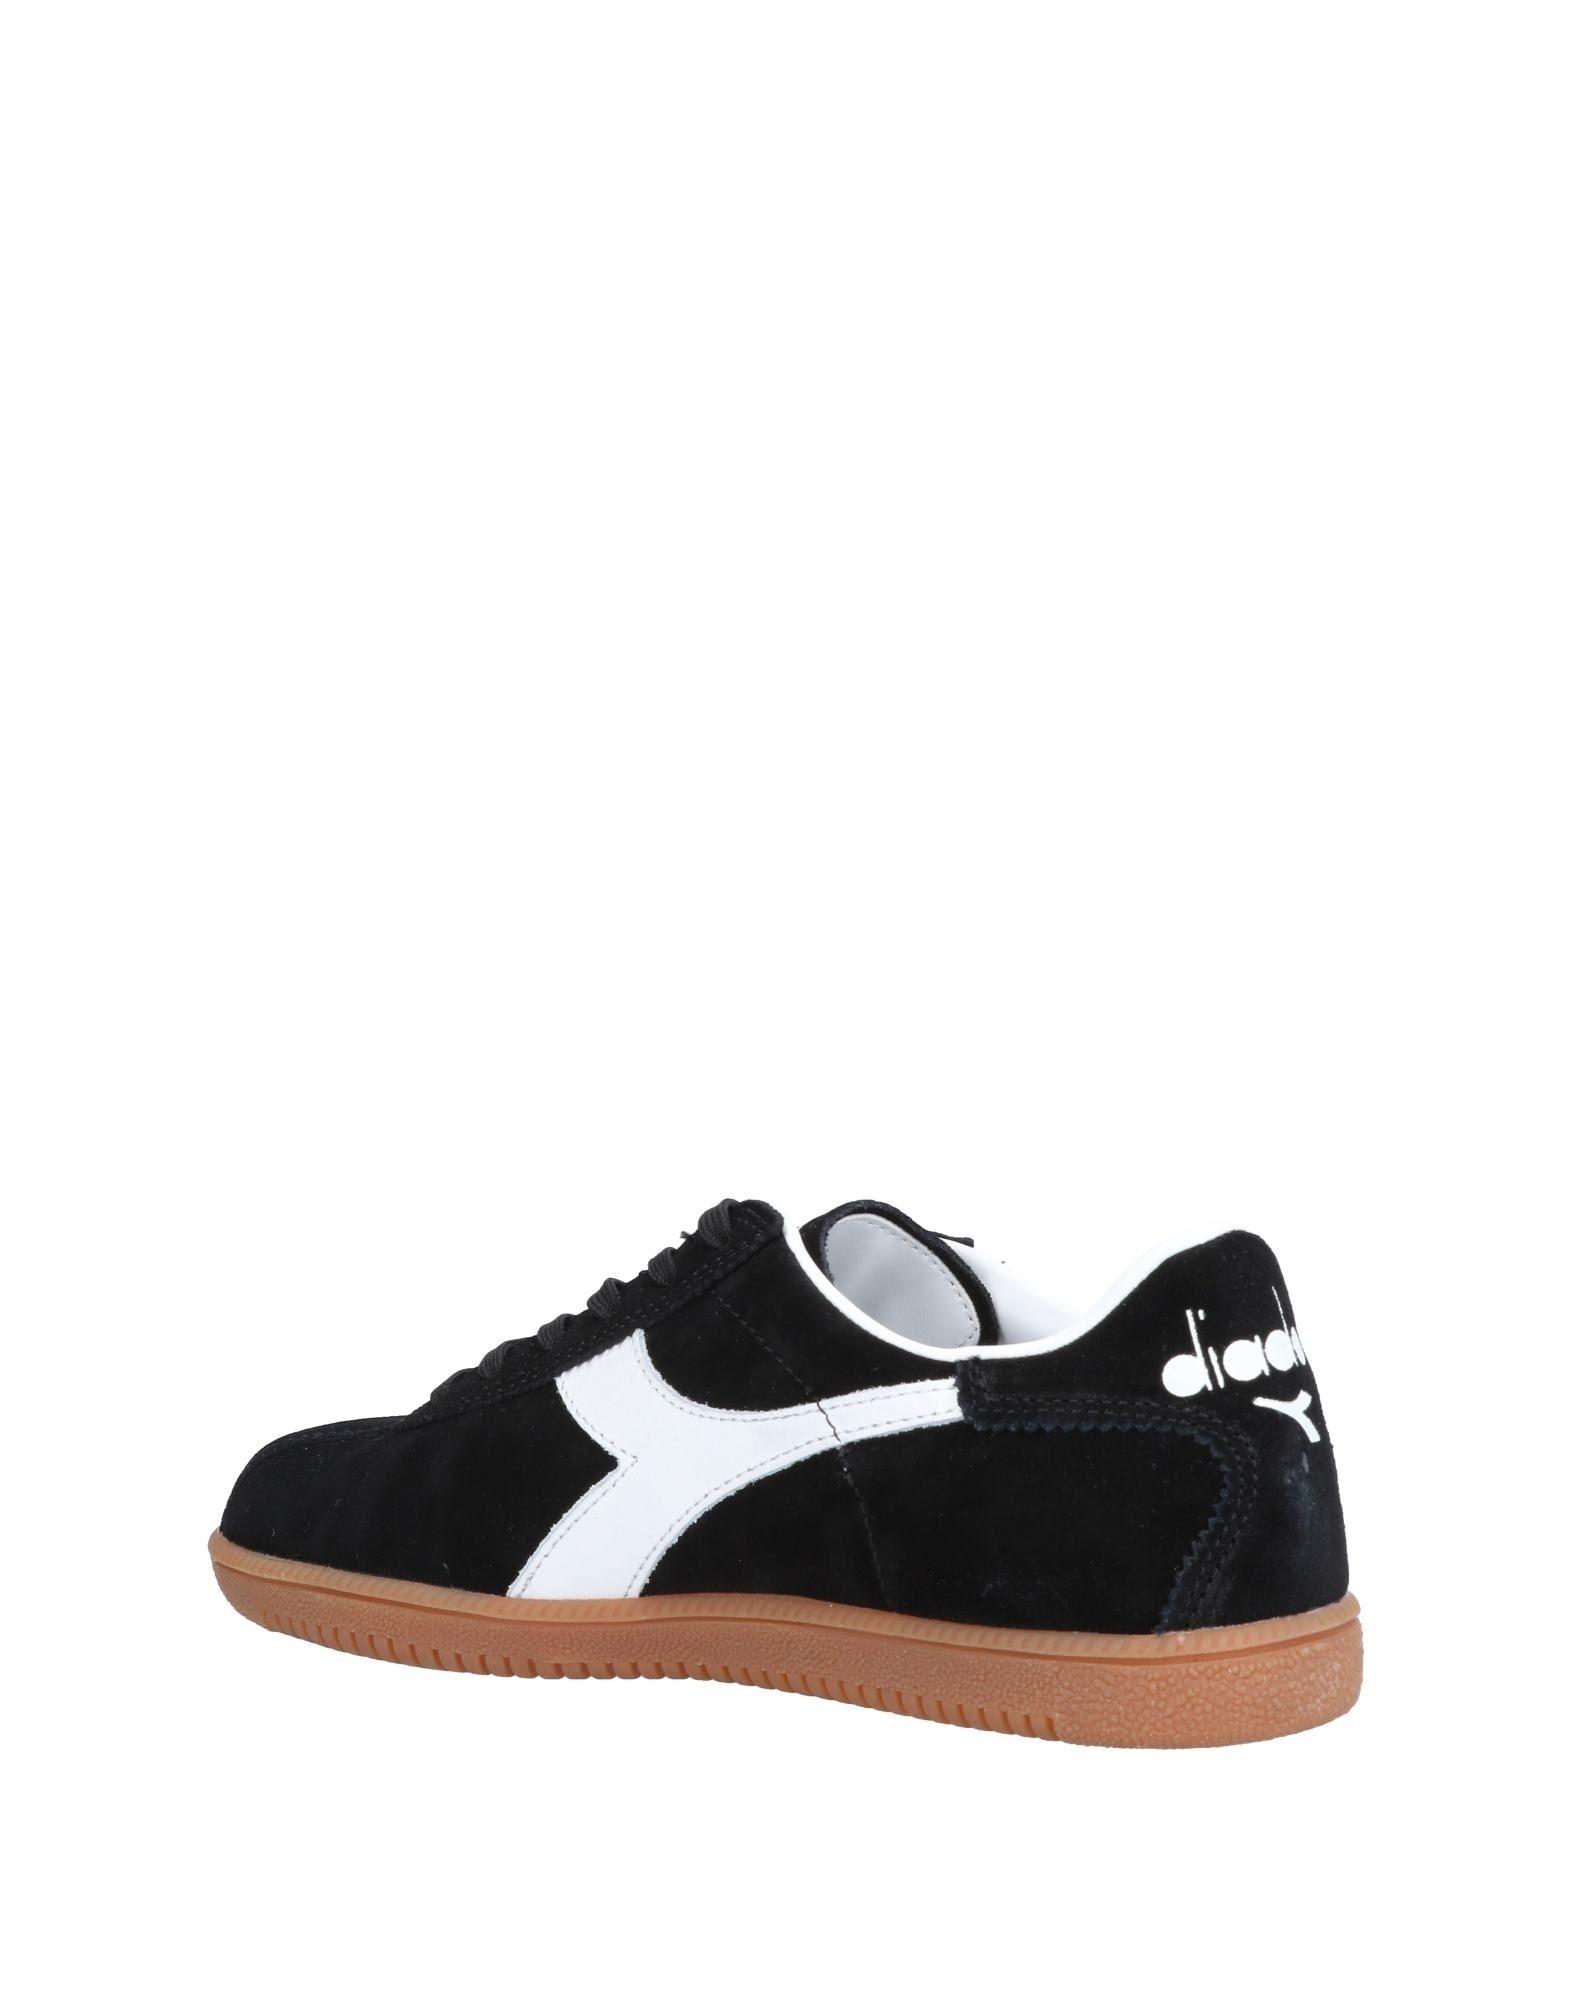 Diadora Sneakers Herren Herren Sneakers  11500742VV 56dfb3